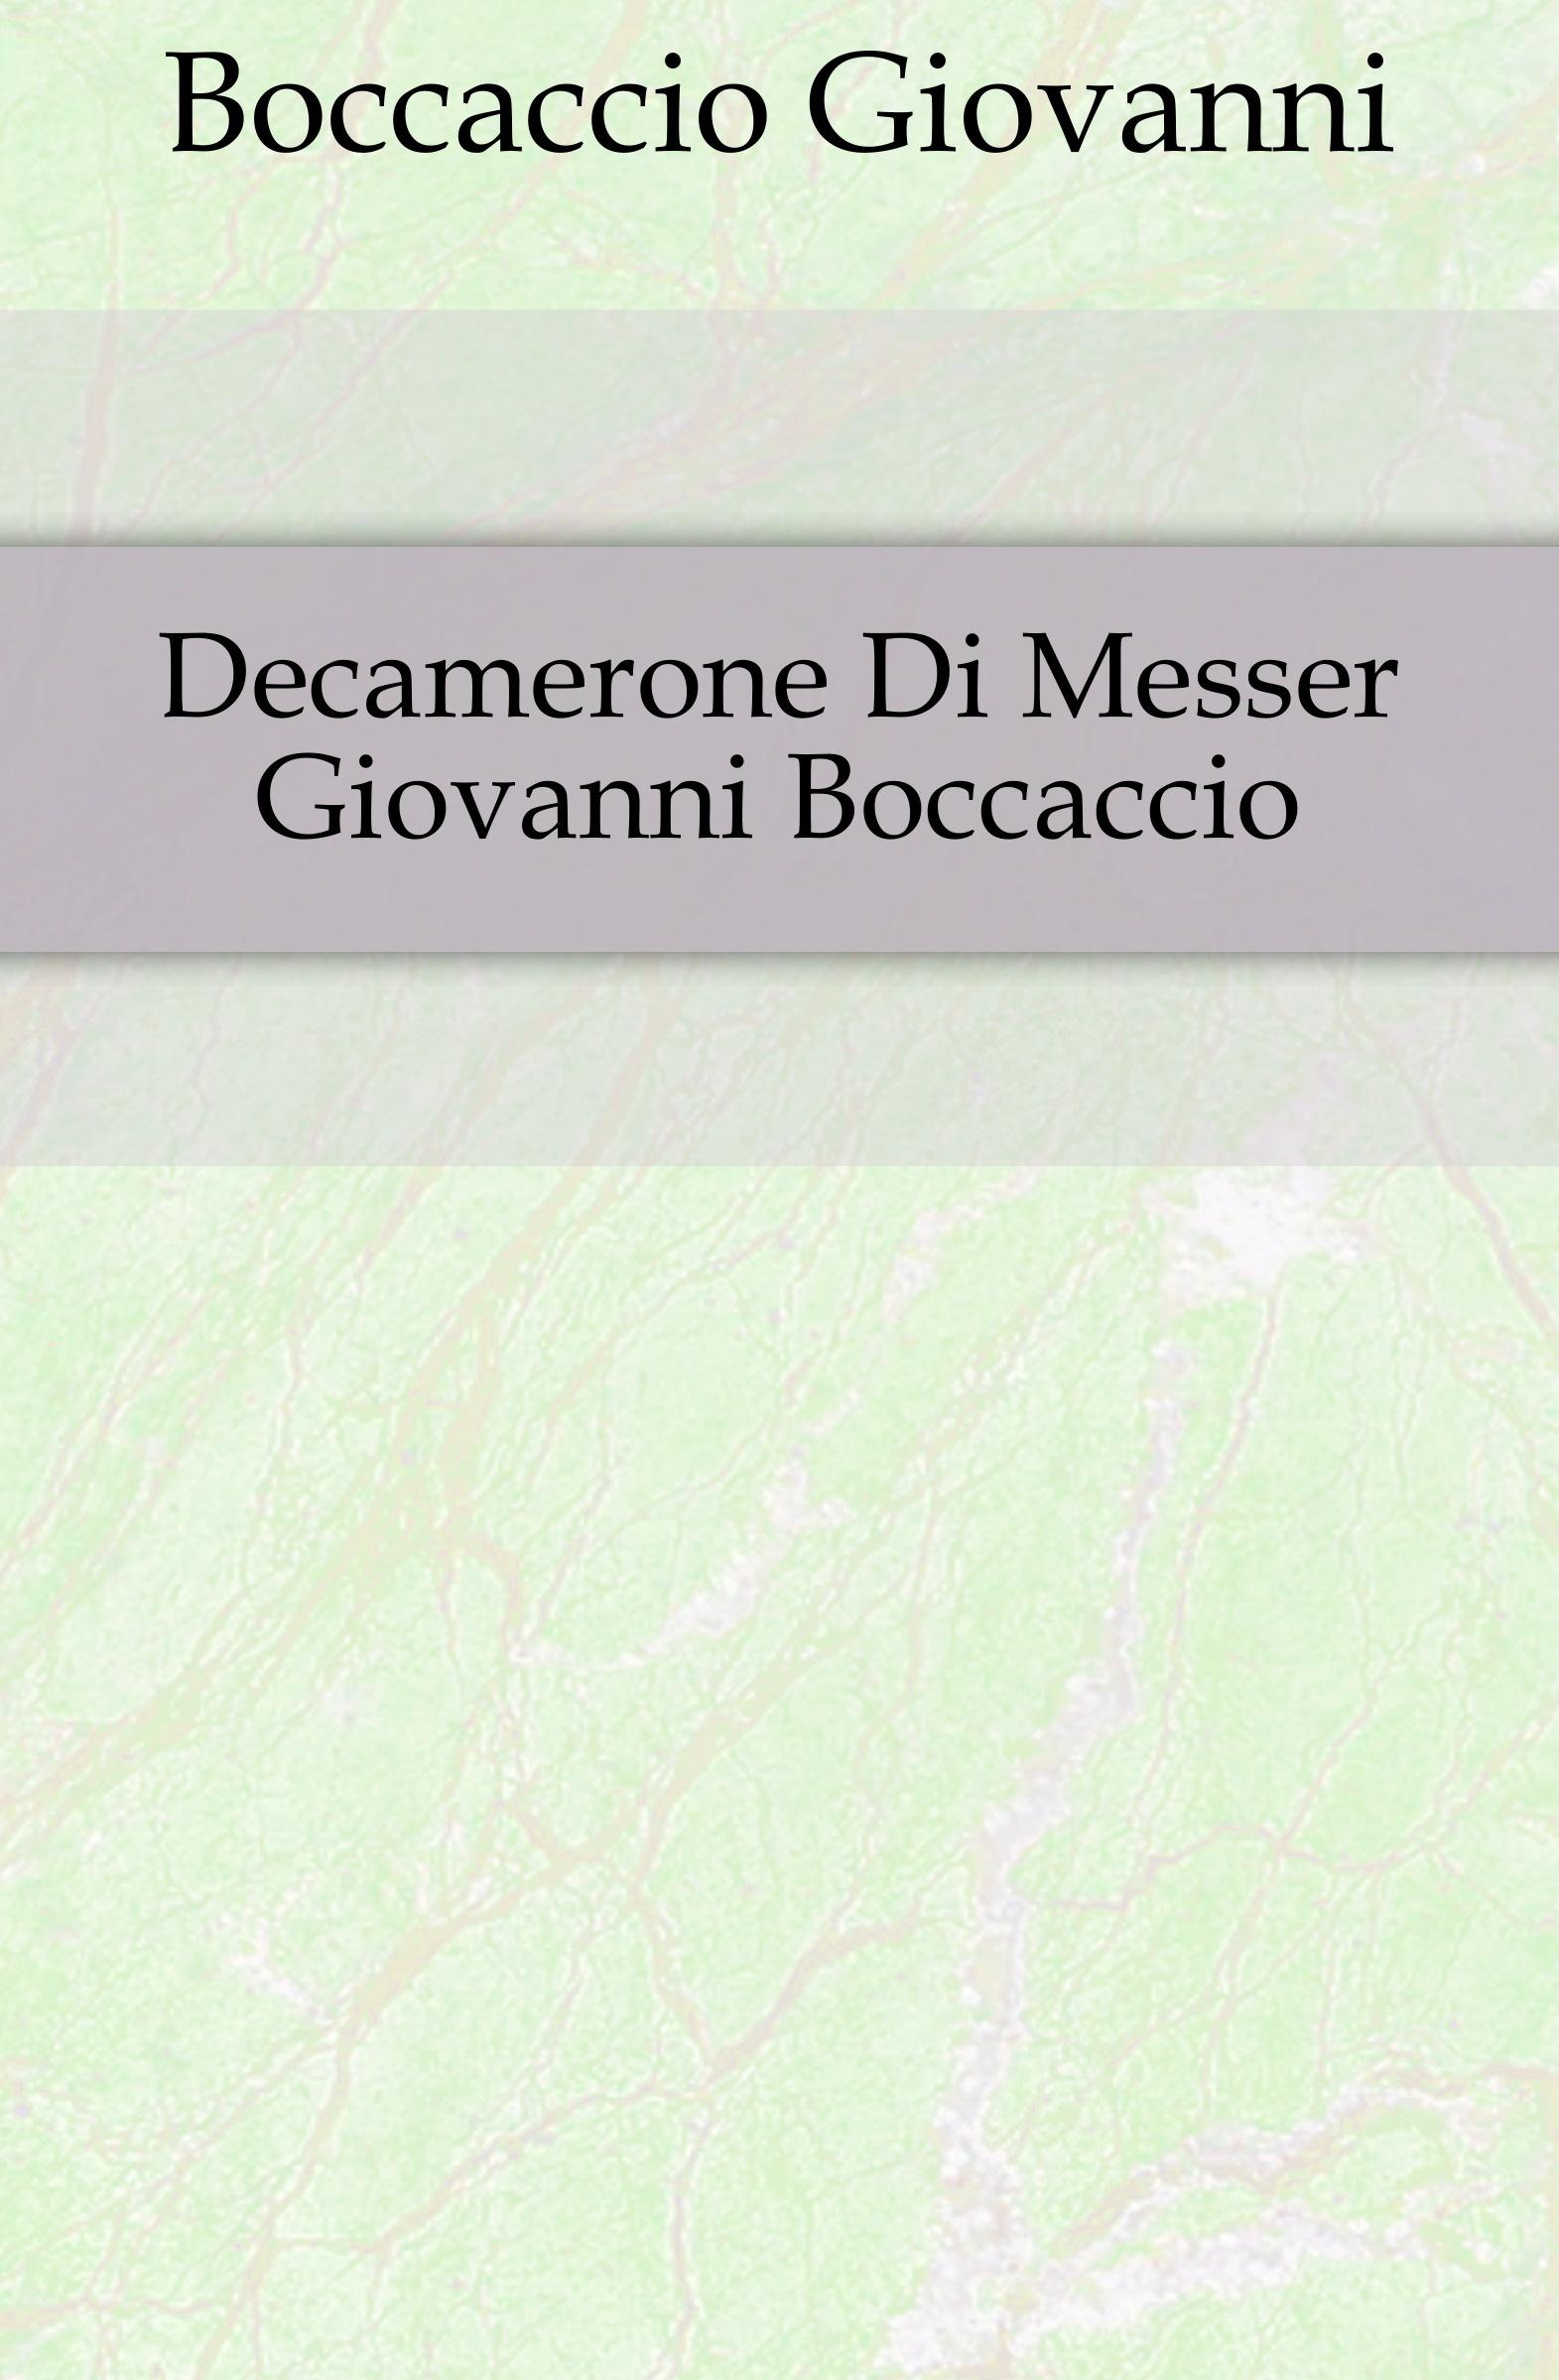 Boccaccio Giovanni Decamerone Di Messer Giovanni Boccaccio boccaccio giovanni la fiamenta